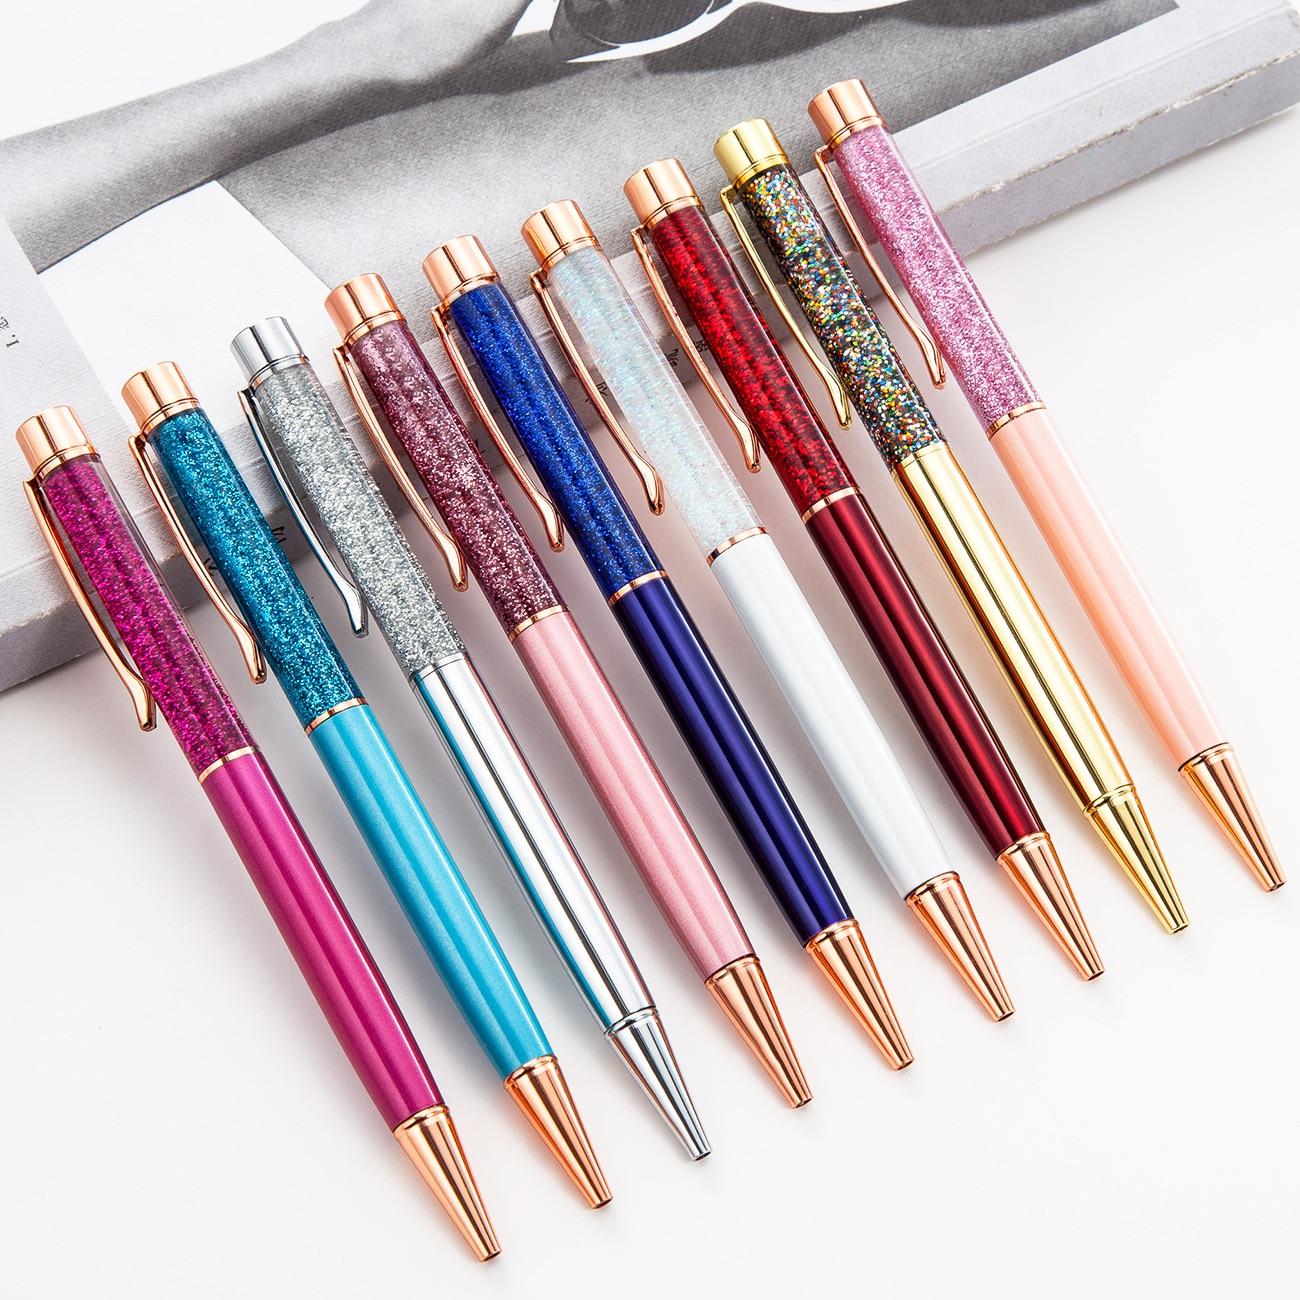 1 Uds. Bolígrafos Kawaii oro en polvo bolígrafo con láminas bolígrafo estudiante bolígrafos para la escuela papelería suministros de oficina 1,0mm